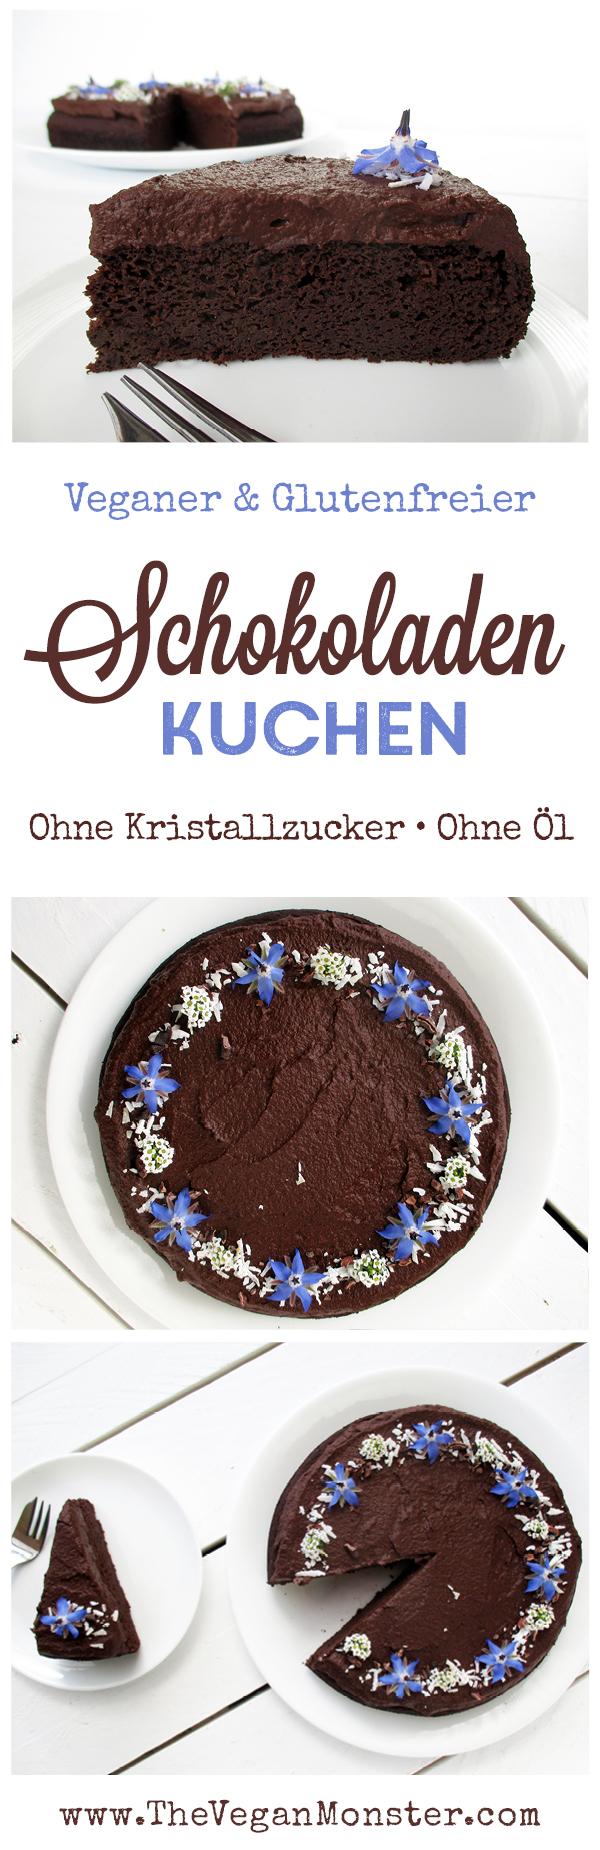 Chocolate Kumara Cake Recipe